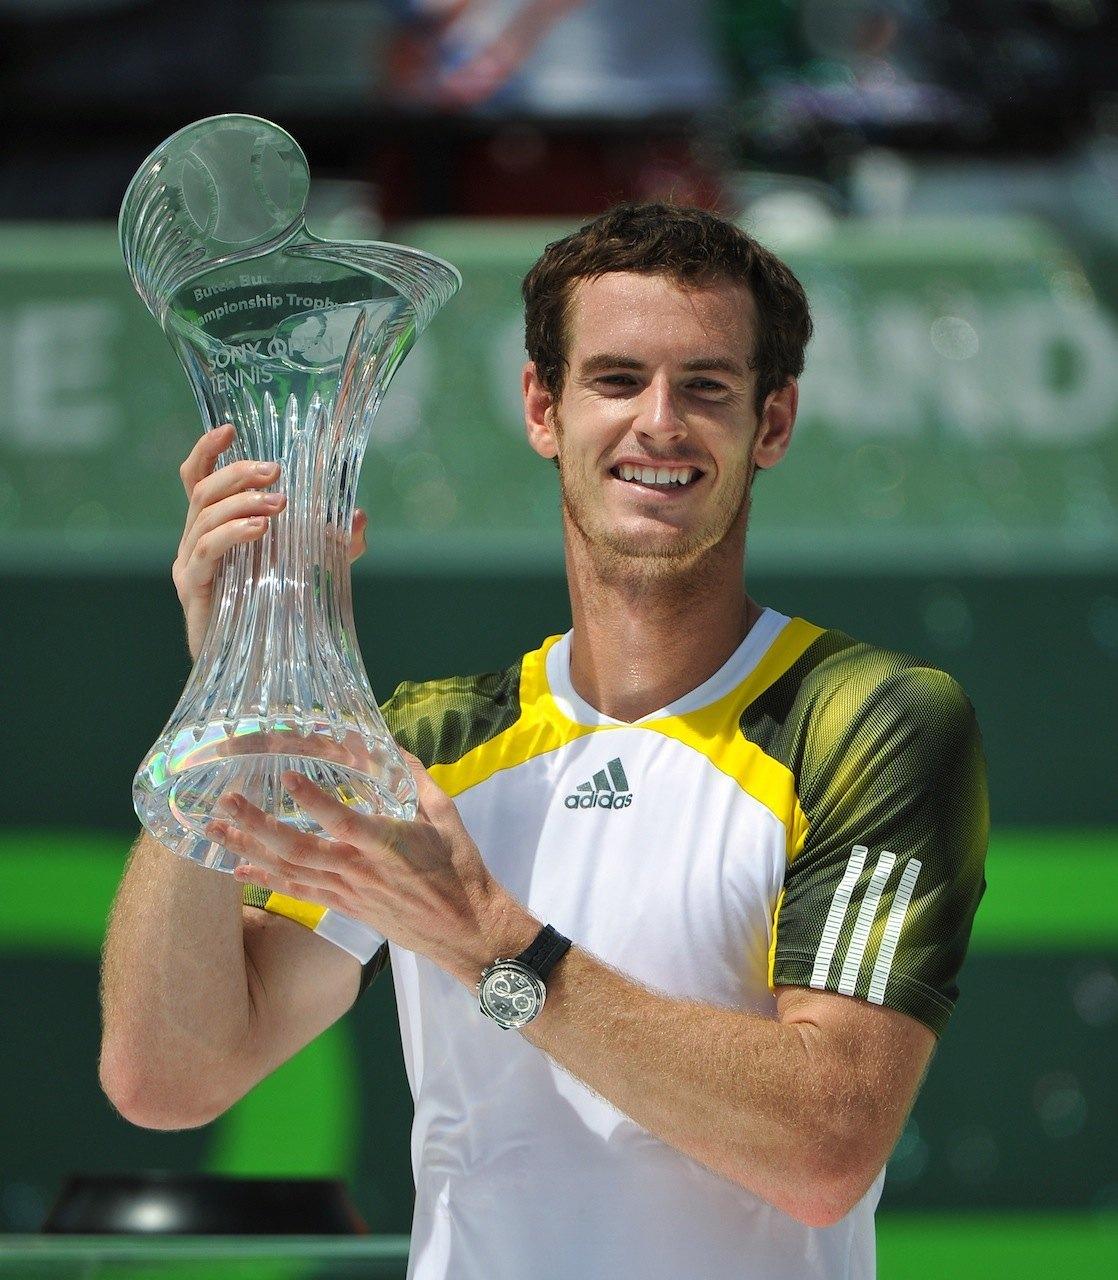 El tiempo lo es todo: Rado regresa a las pistas de tenis un año más